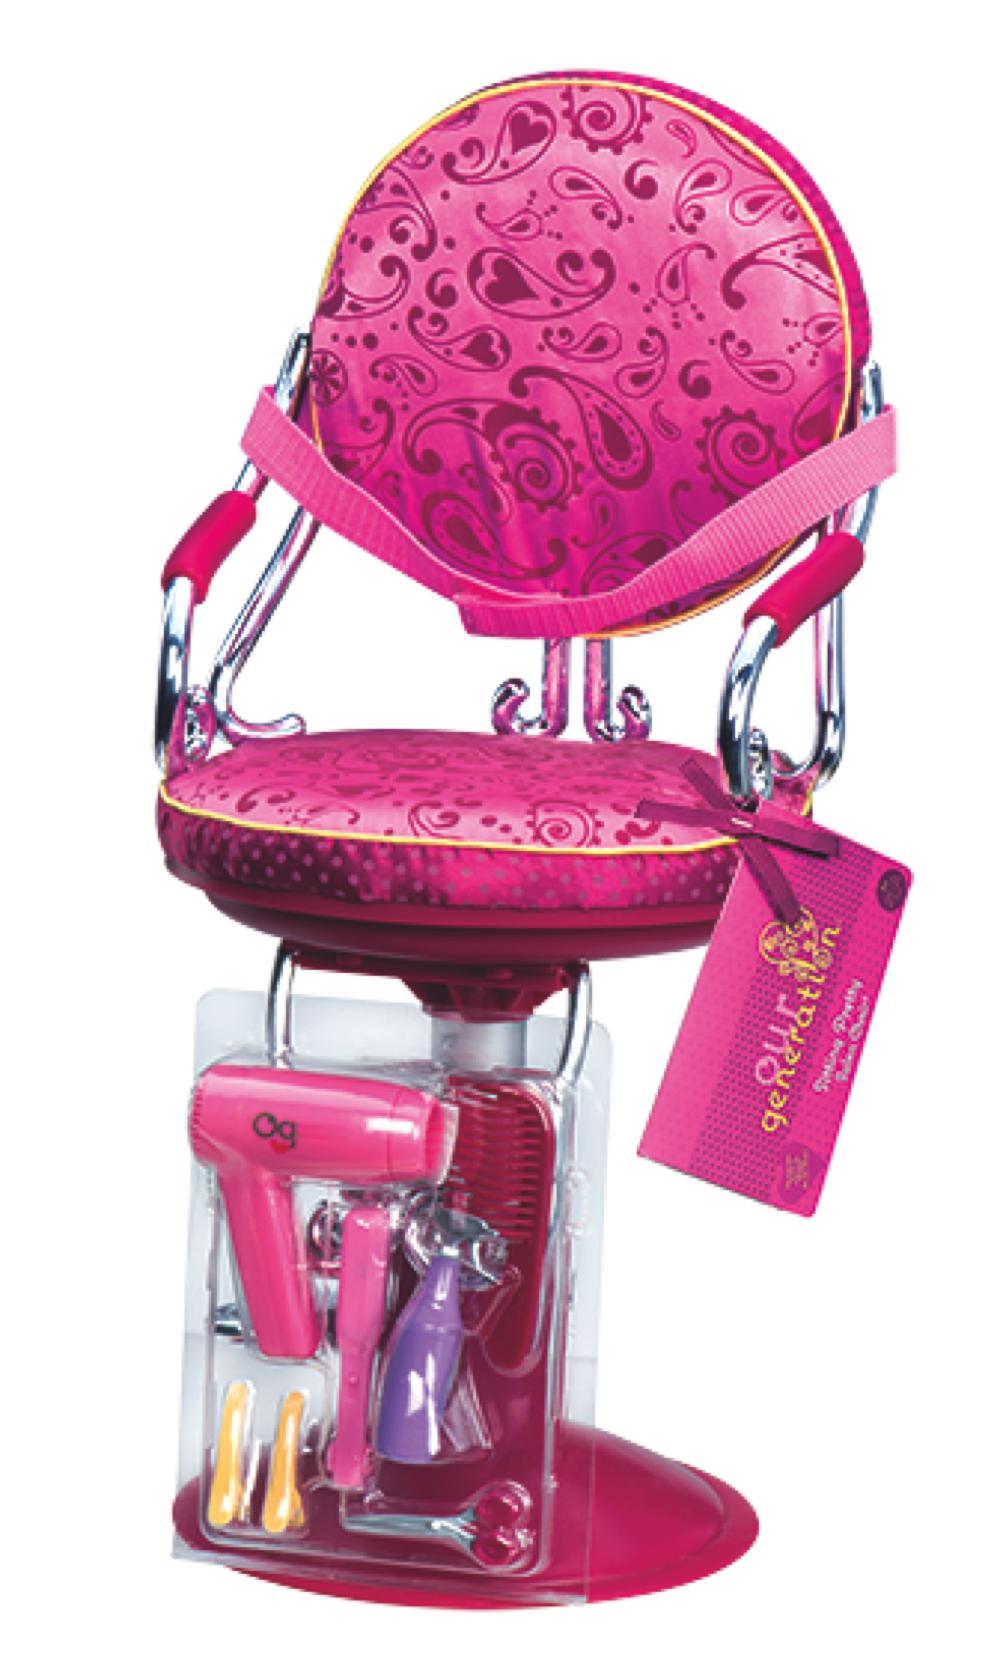 chaise de coiffeur pour poup e 45 cm club jouet achat de jeux et jouets prix club. Black Bedroom Furniture Sets. Home Design Ideas